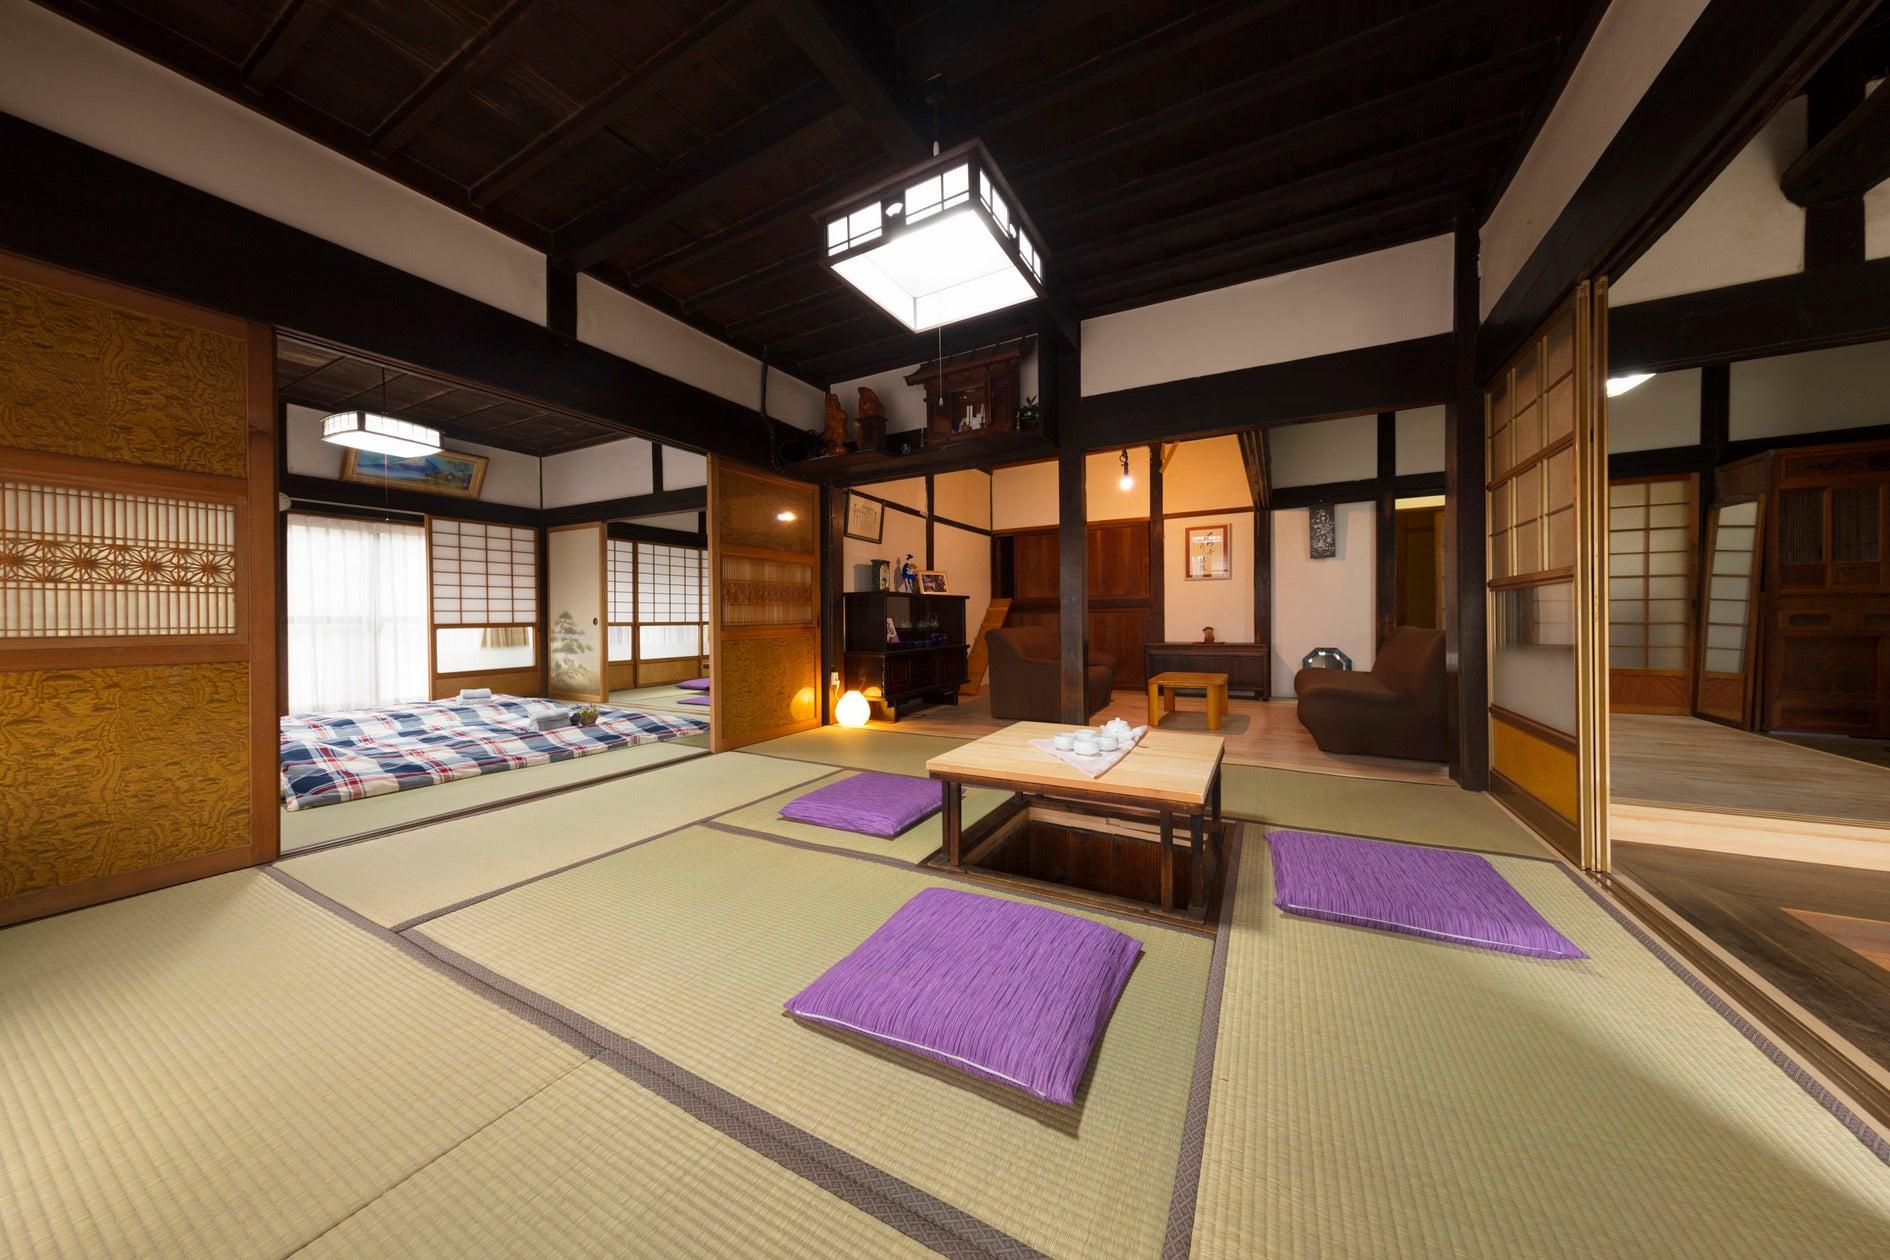 【一棟貸切】東京から1時間弱の築130年古民家と米倉、合宿やコンサート、イベント、企業研修に最適 の写真